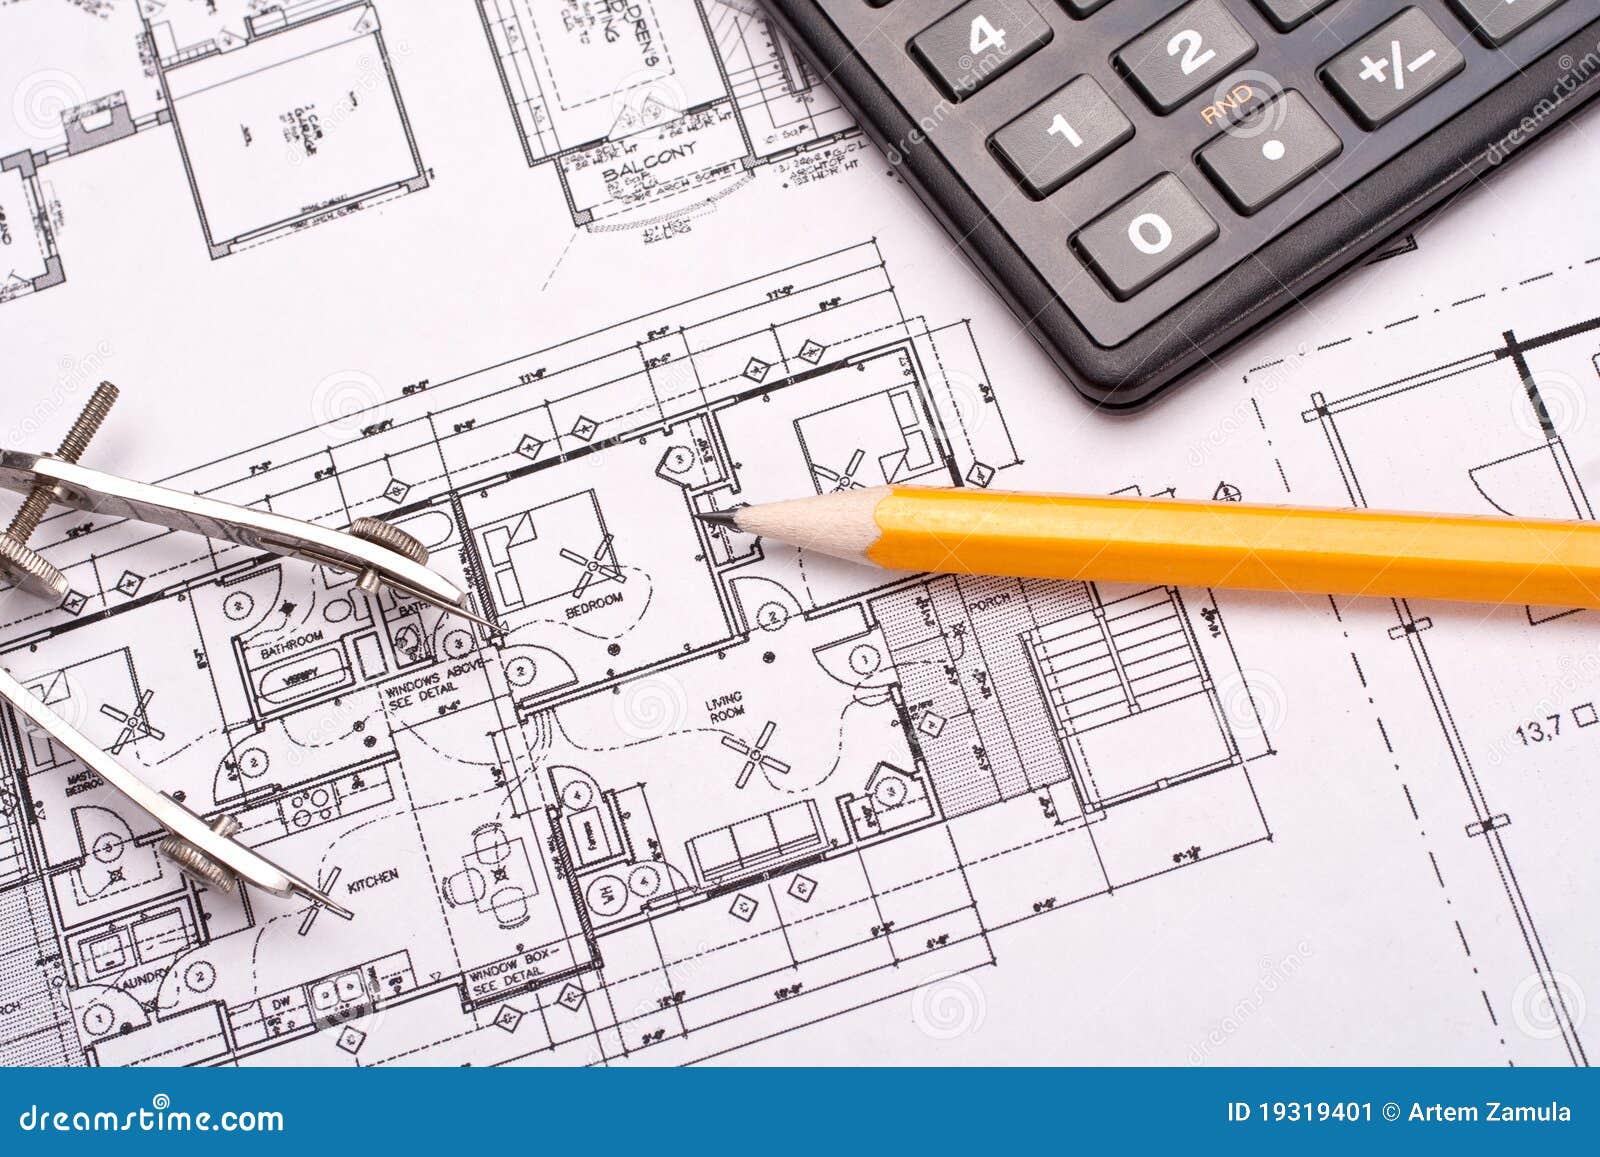 Technik Und Architekturzeichnungen Stockbild